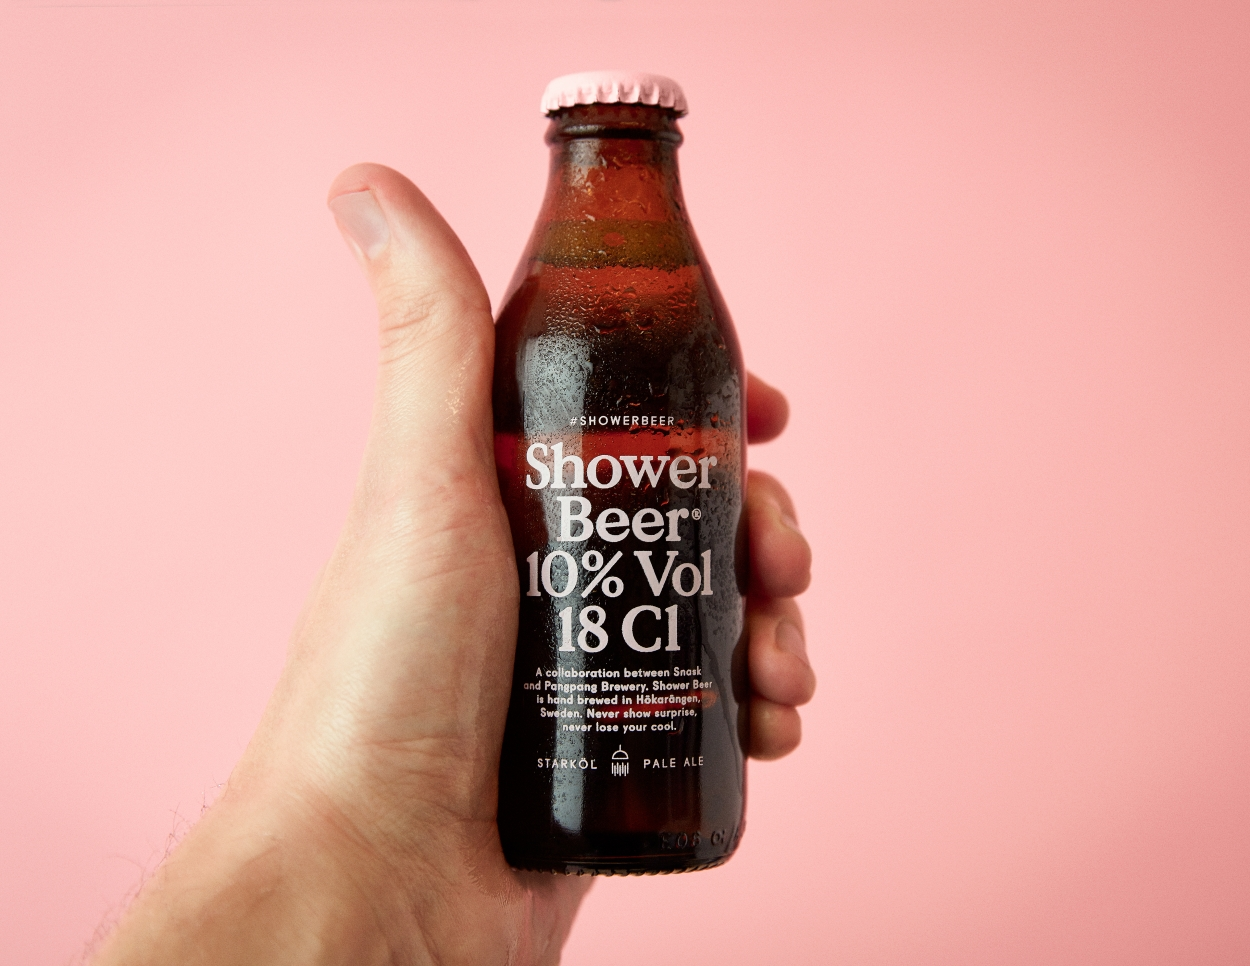 shower-beer_05_hand_holding-1250x966.jpg